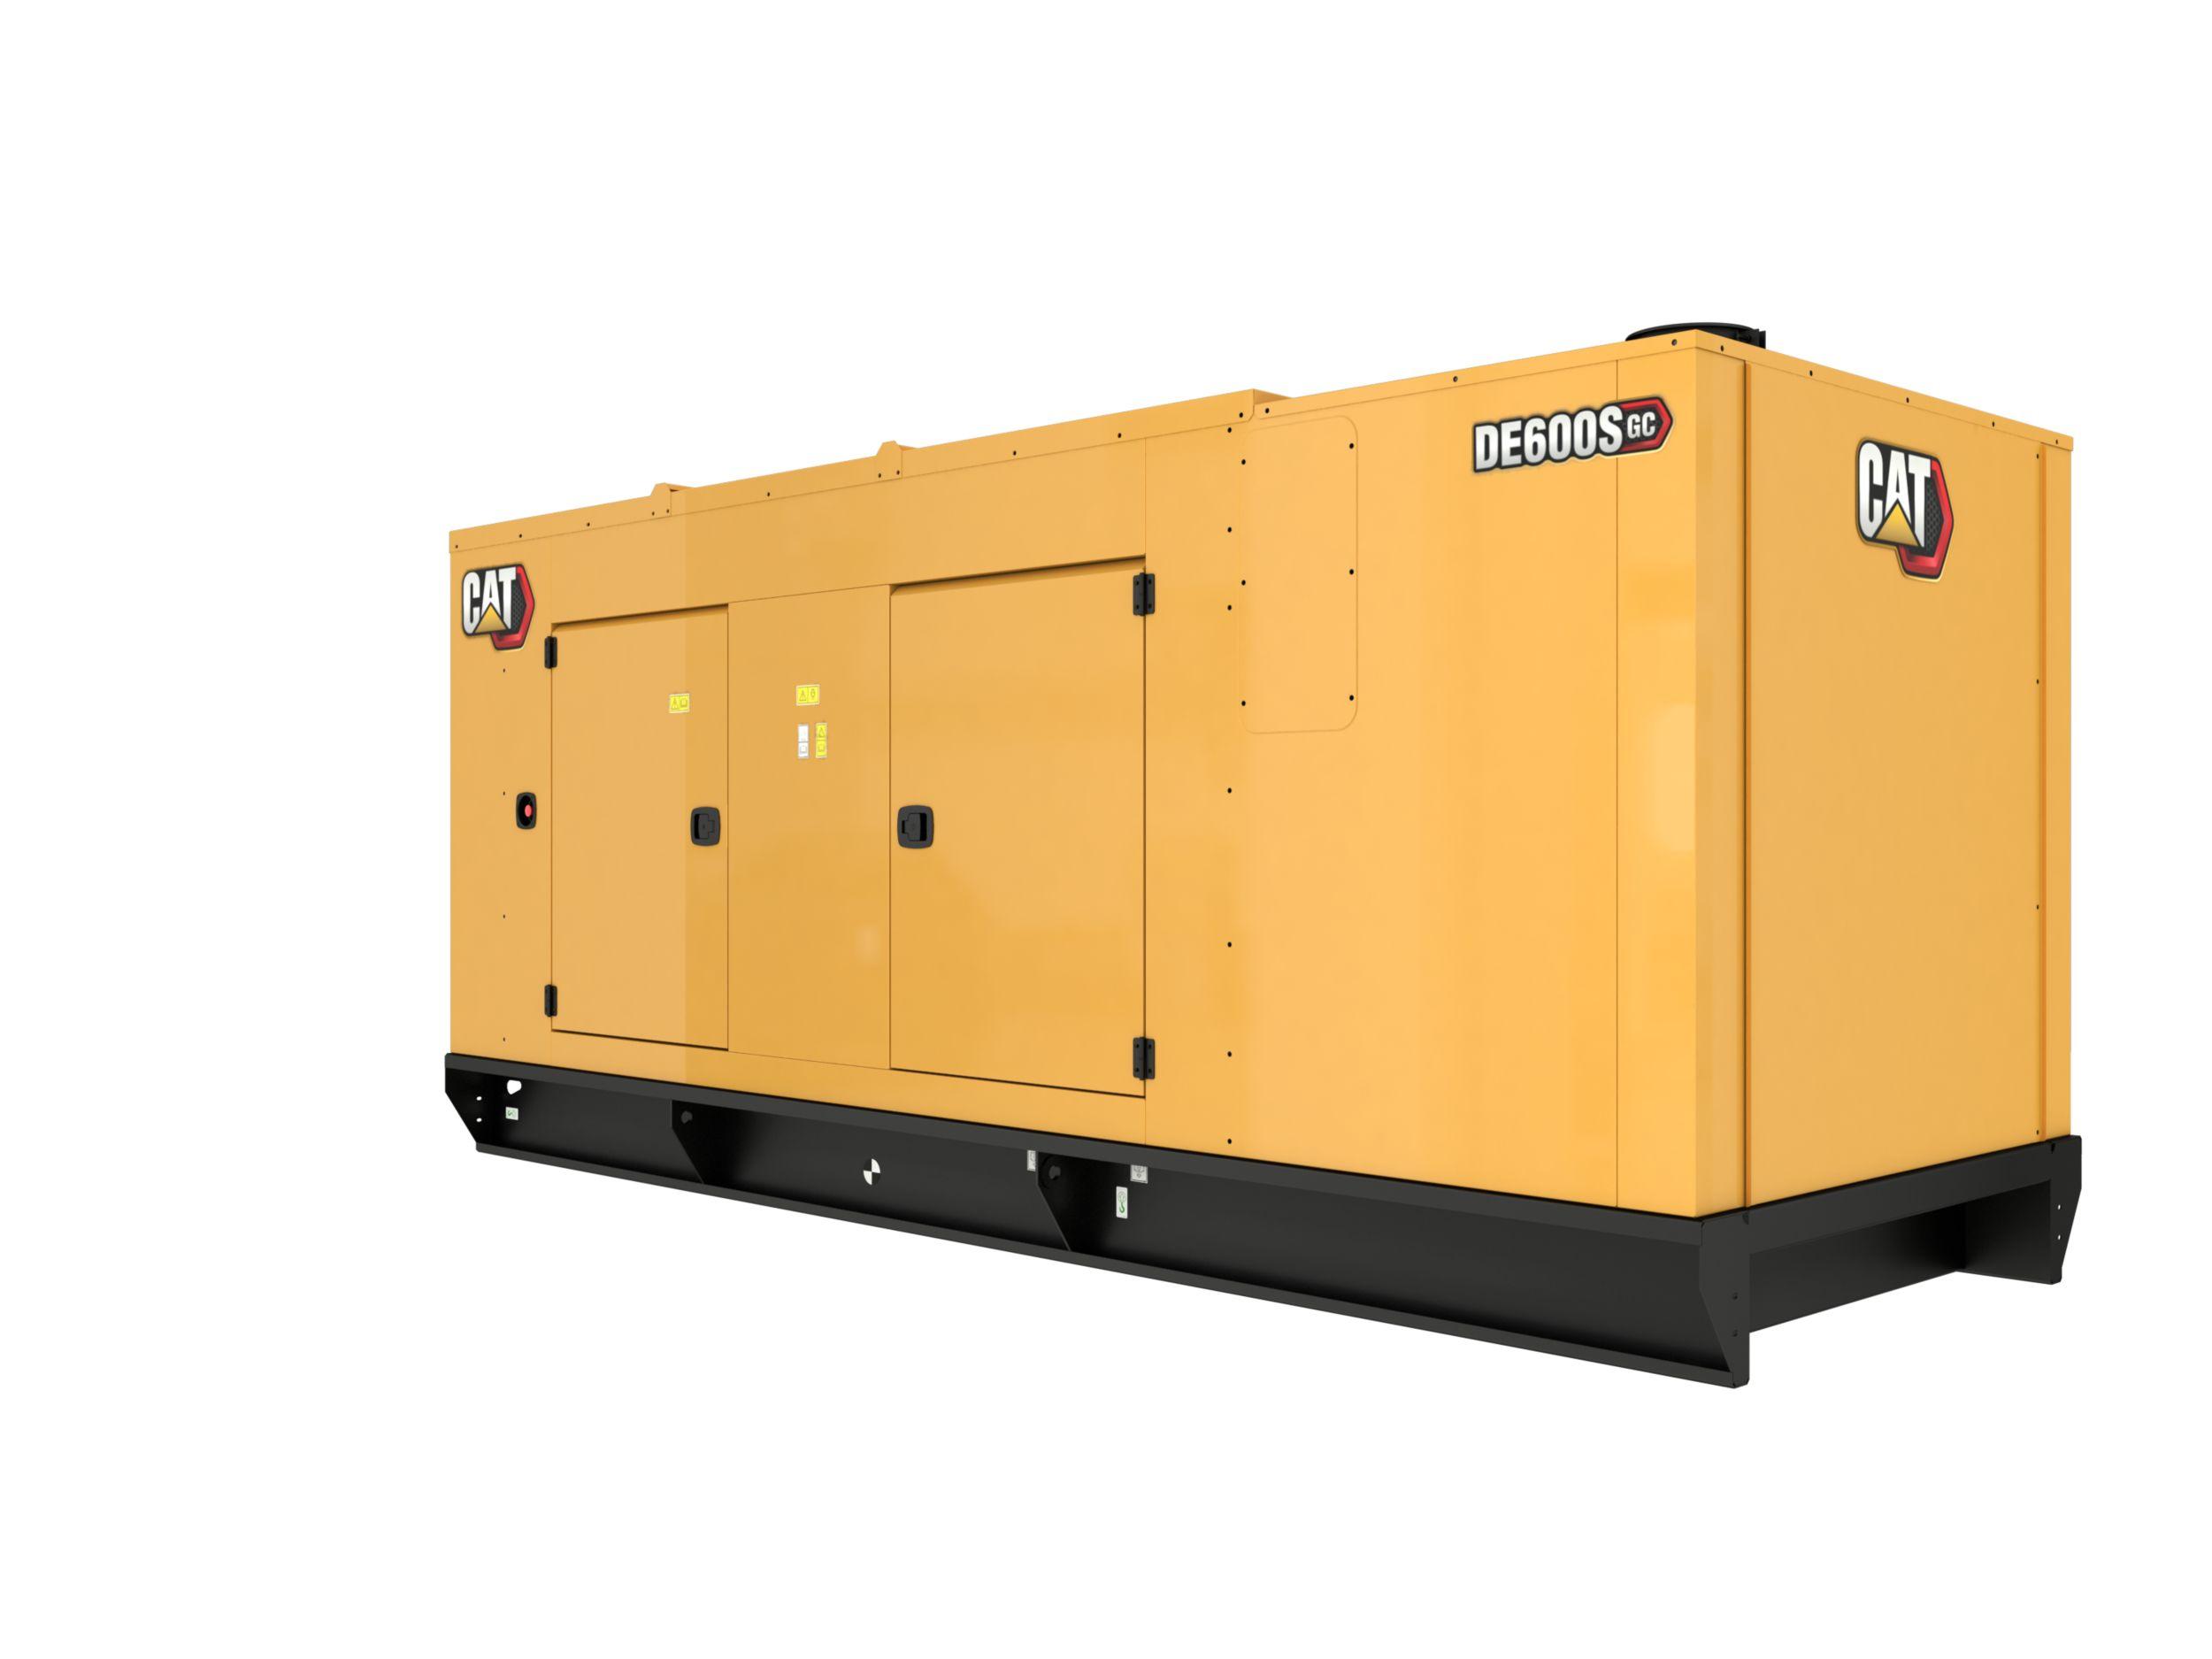 DE600S GC Enclosure>